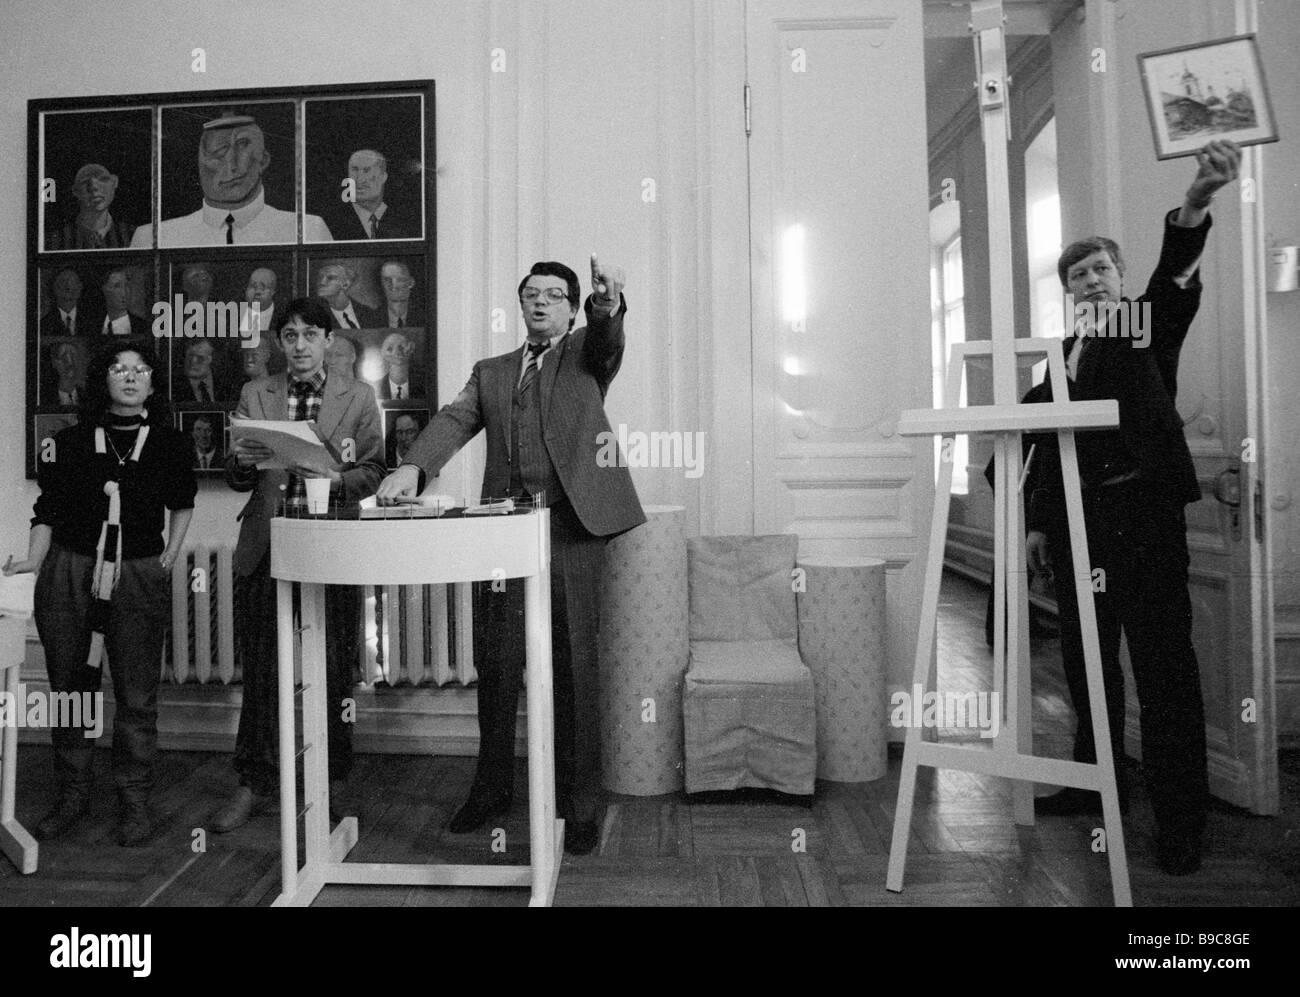 Onorevole artista del russo Alexander SFSR Shirvindt detiene i dipinti asta organizzata dalla cultura sovietica Foto Stock